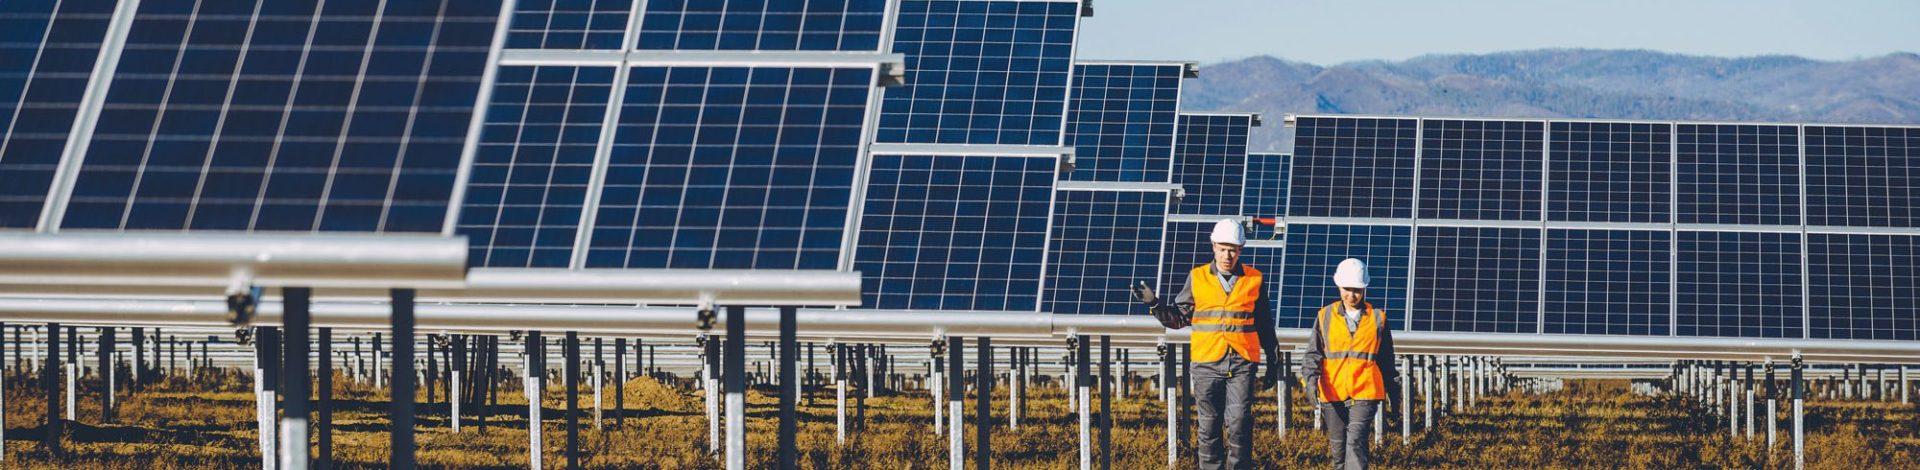 Réalisation d'une étude de potentiel photovoltaïque